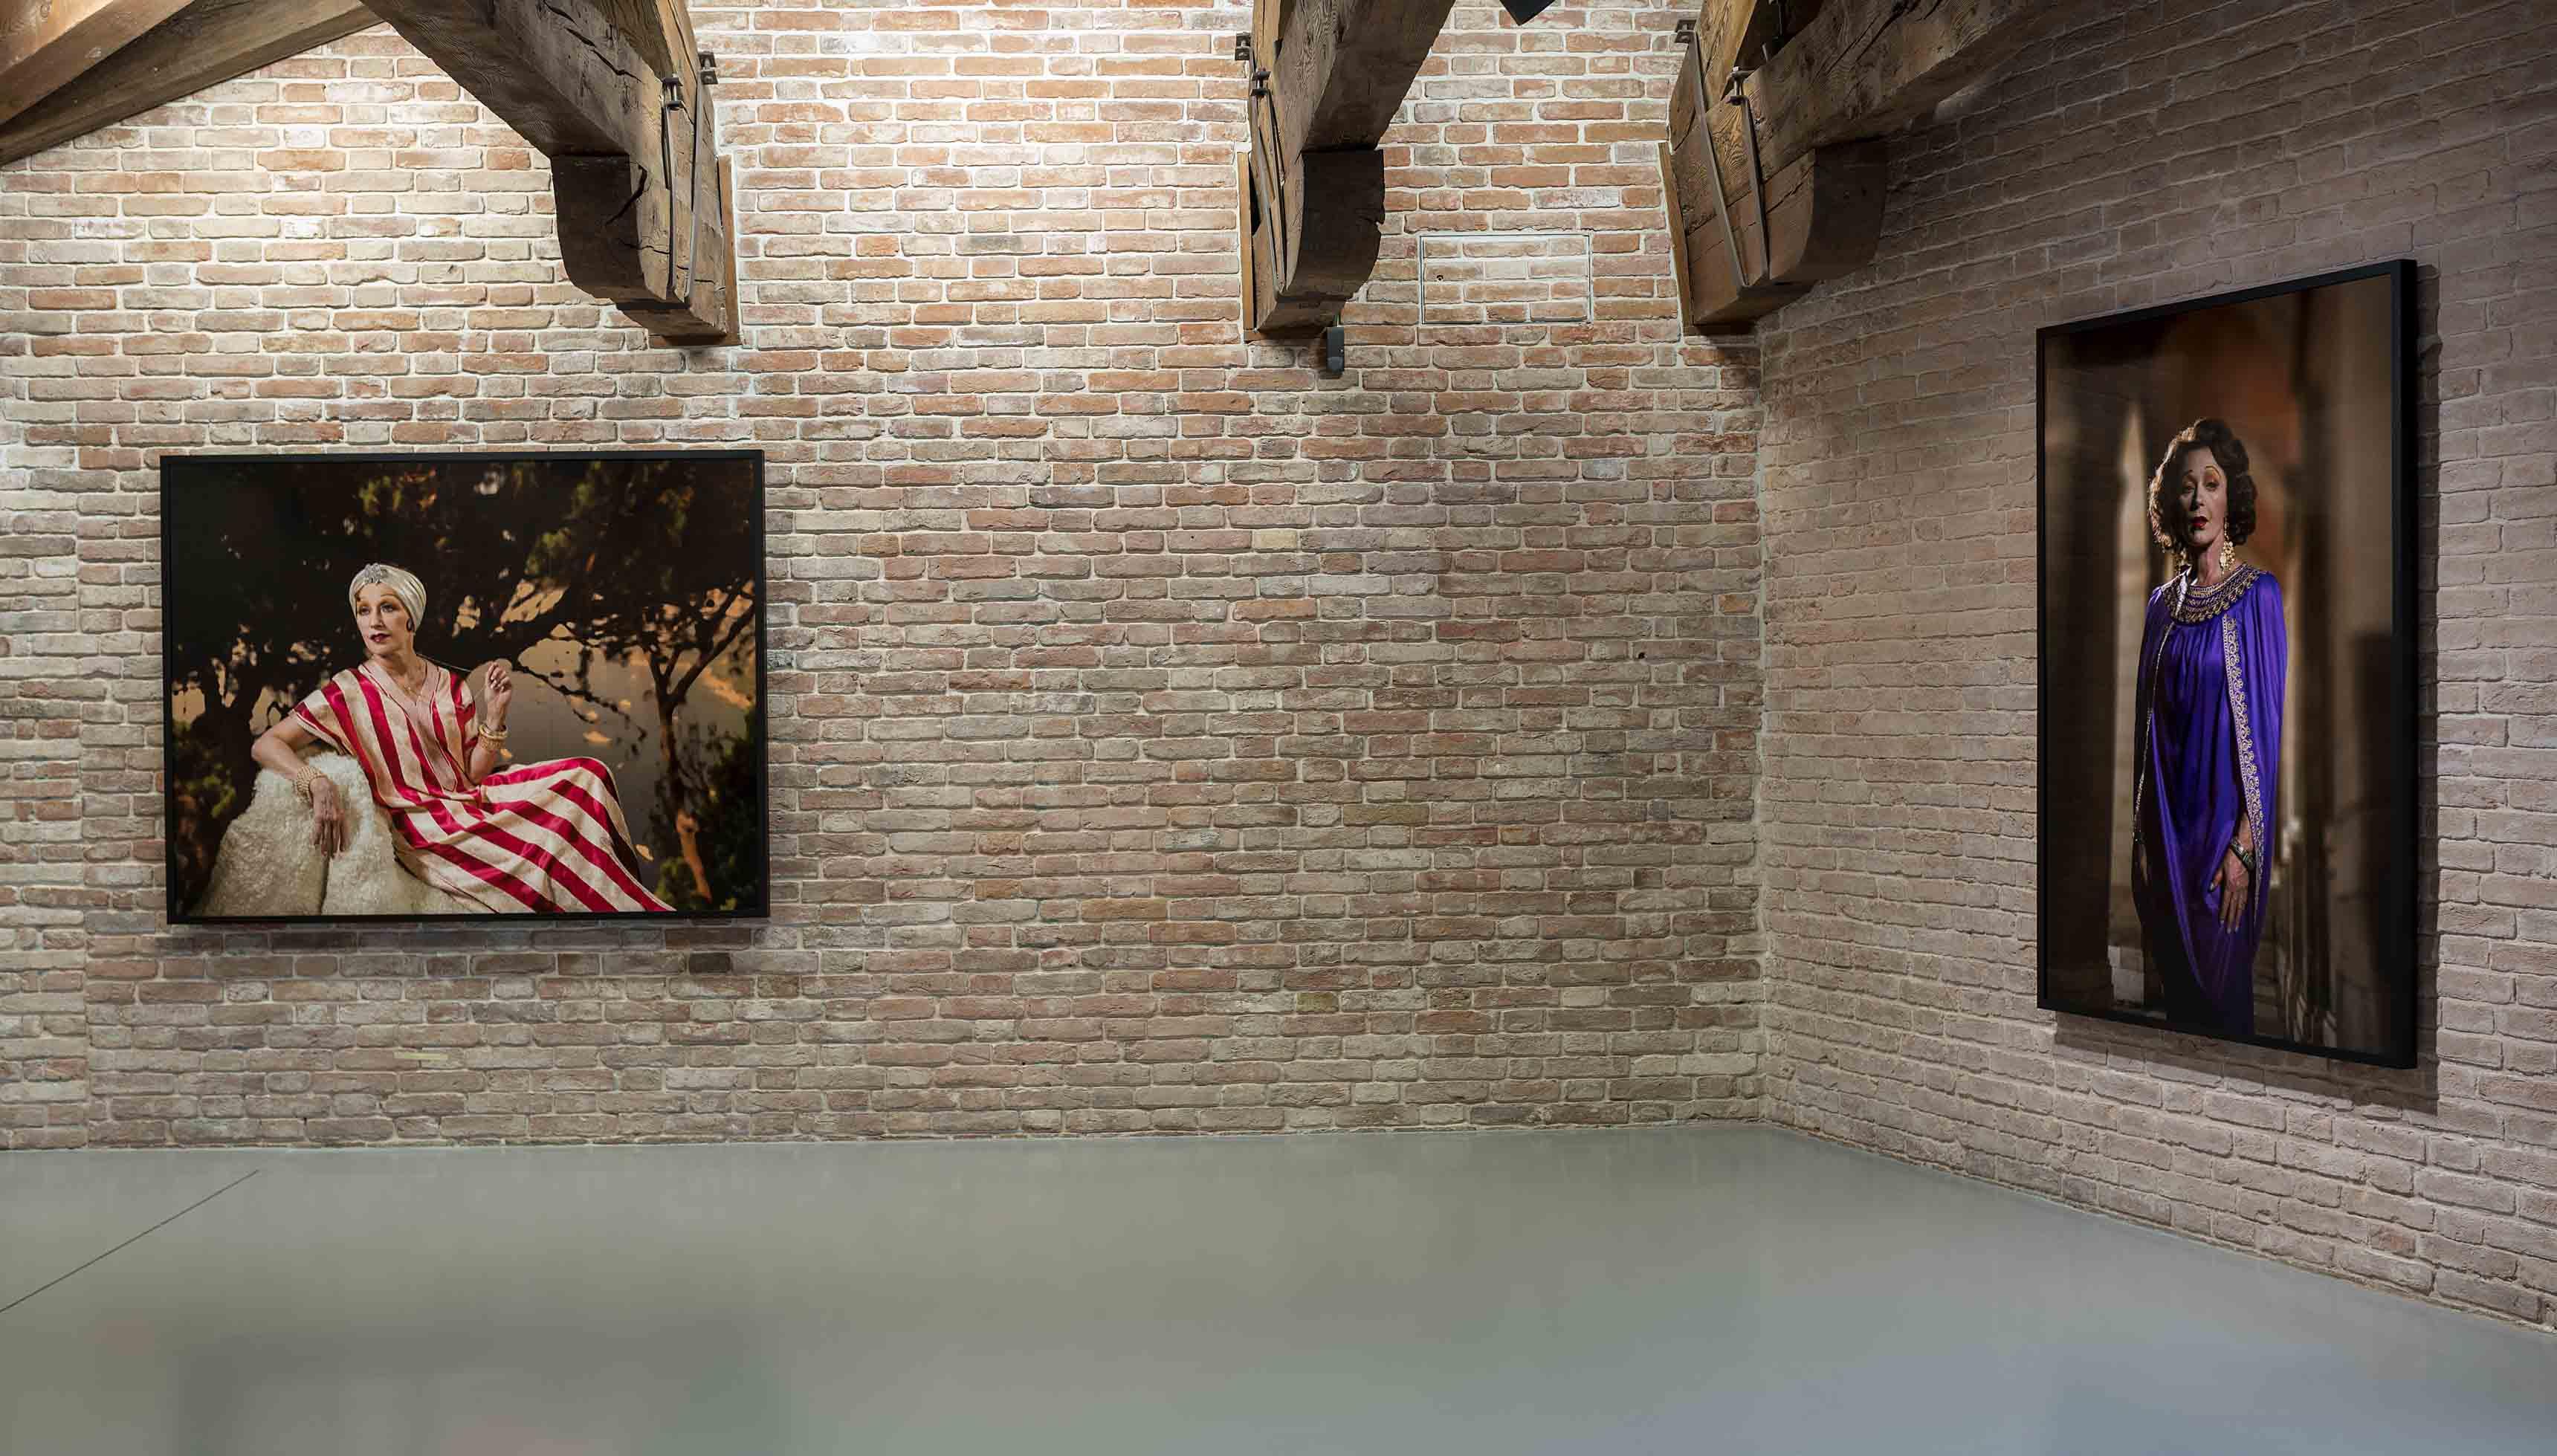 """De gauche à droite : """"Untitled #571"""", Cindy Sherman (2016) et """"Untitled #564"""", Cindy Sherman (2016)"""